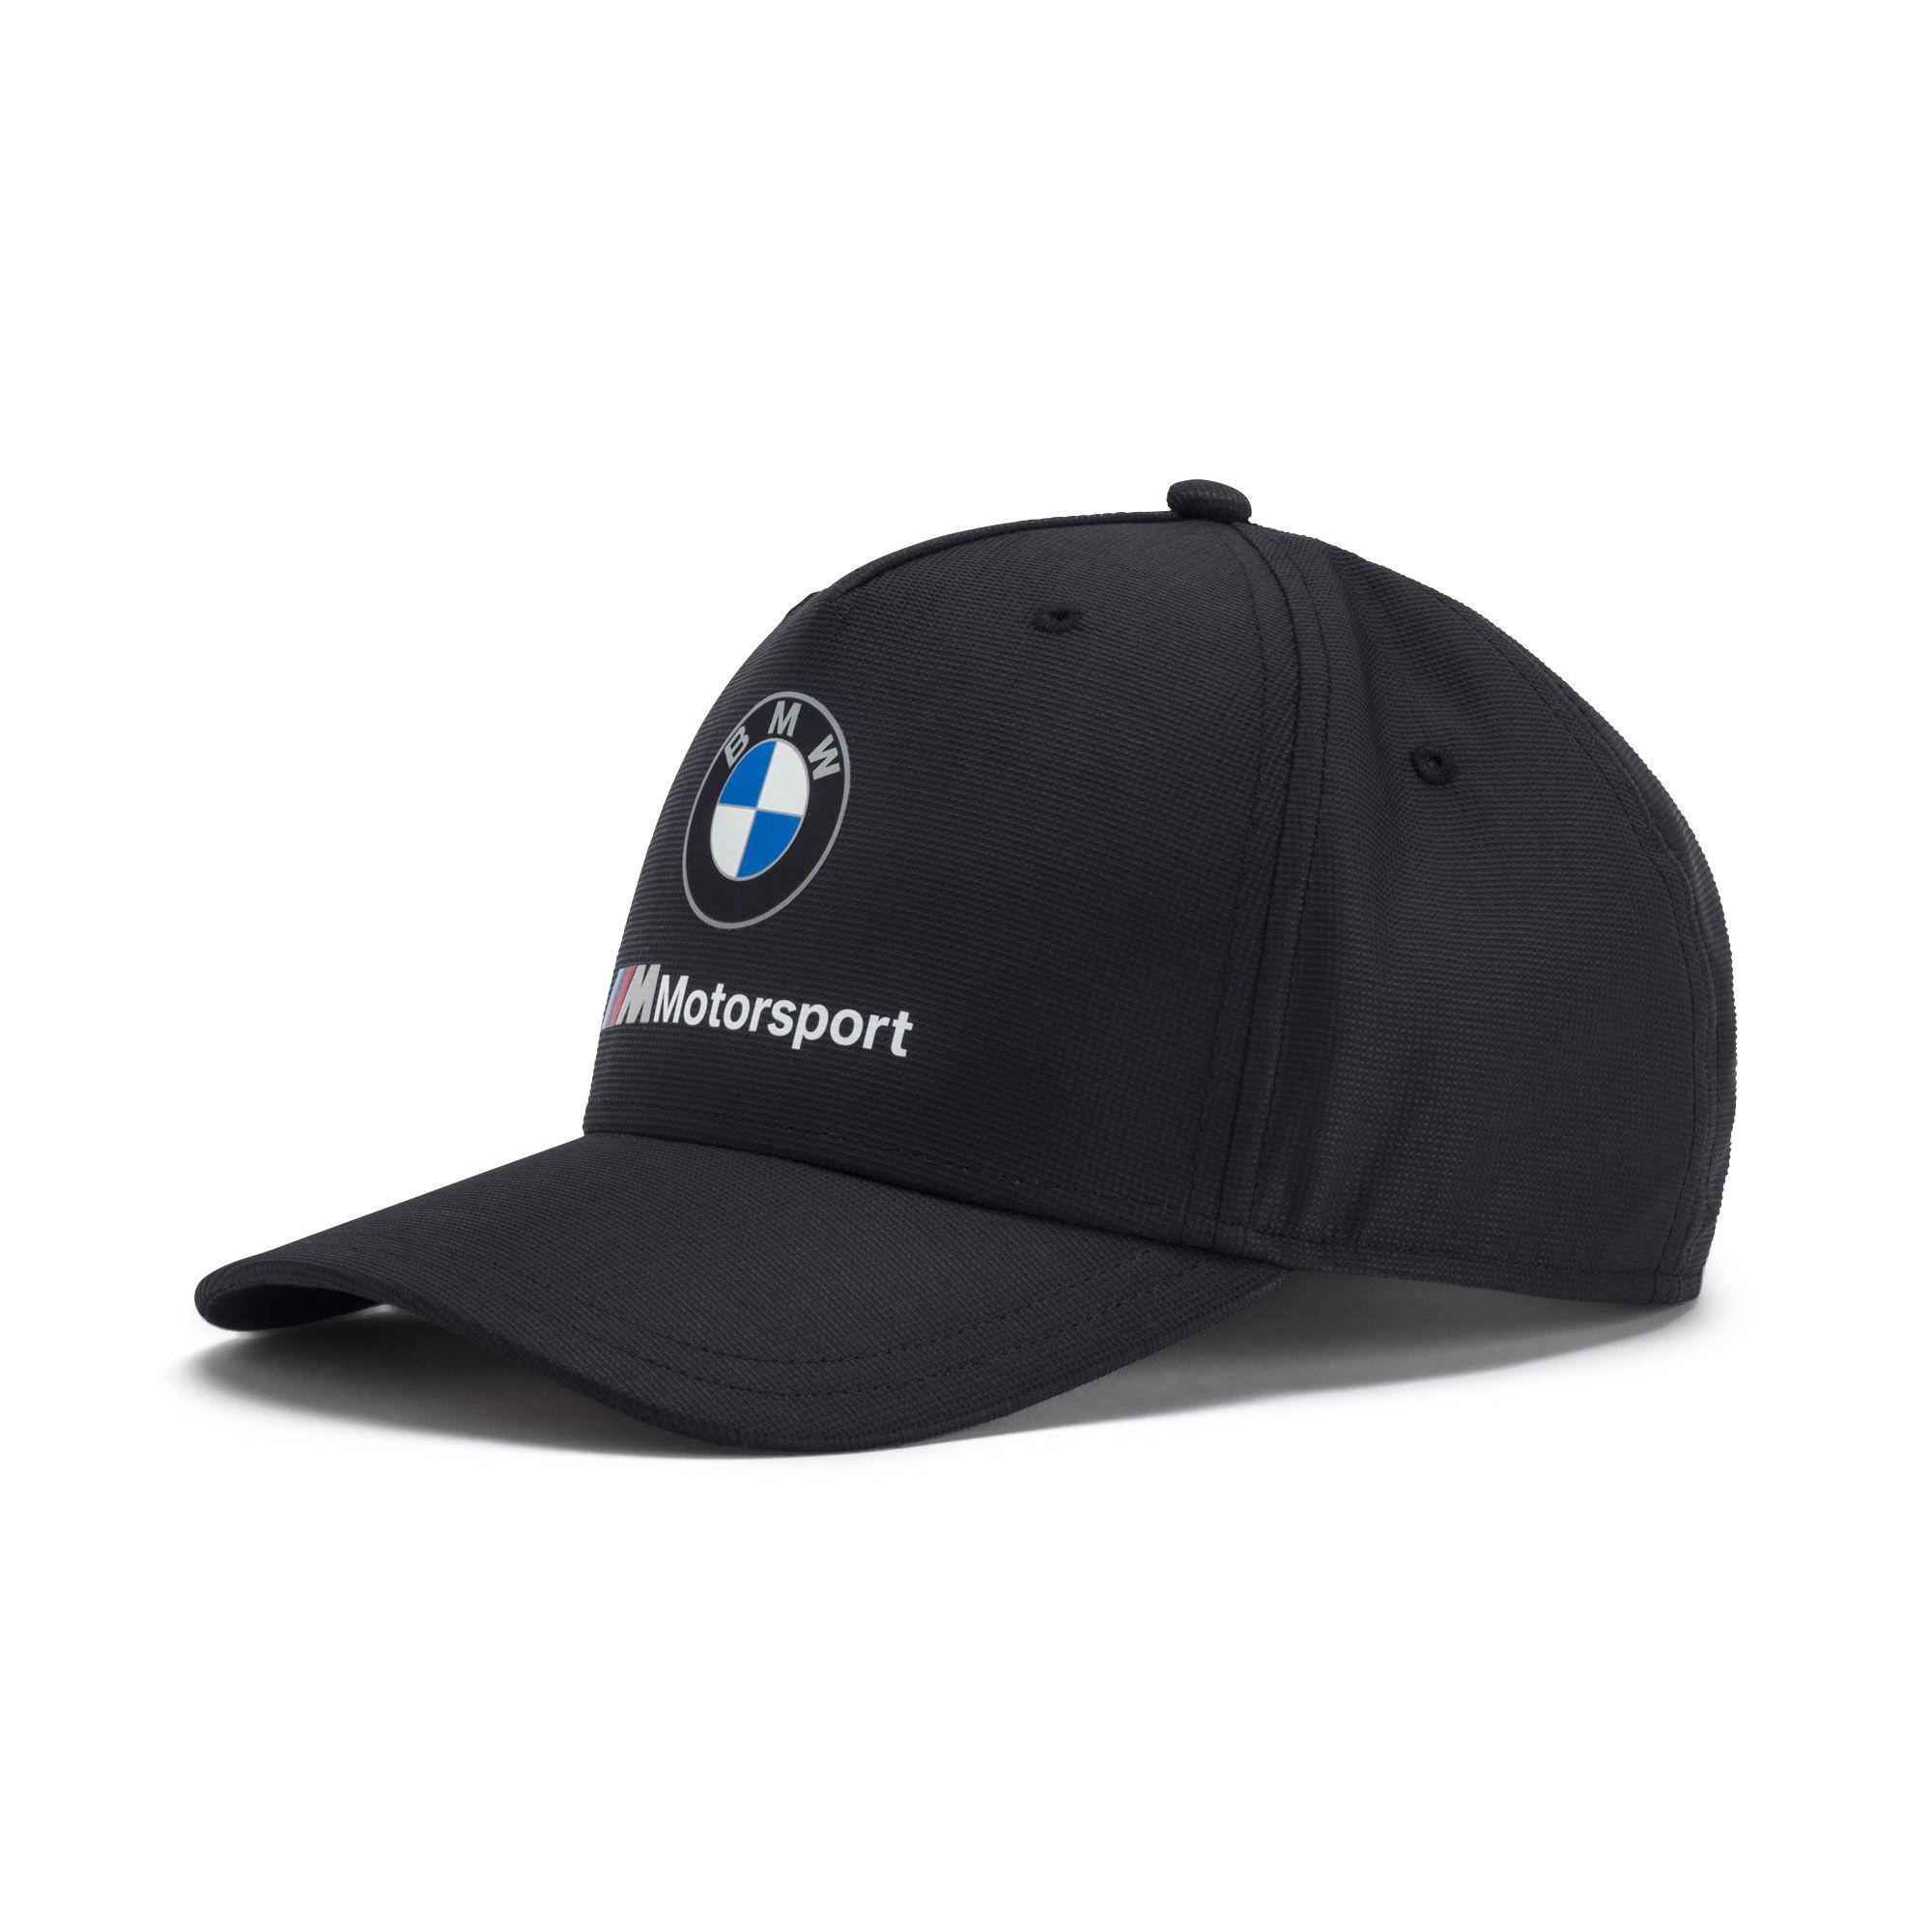 Boné BMW Motorsport M MSP Anthracite  - Nova Centro Boutique Roupas para Motociclistas